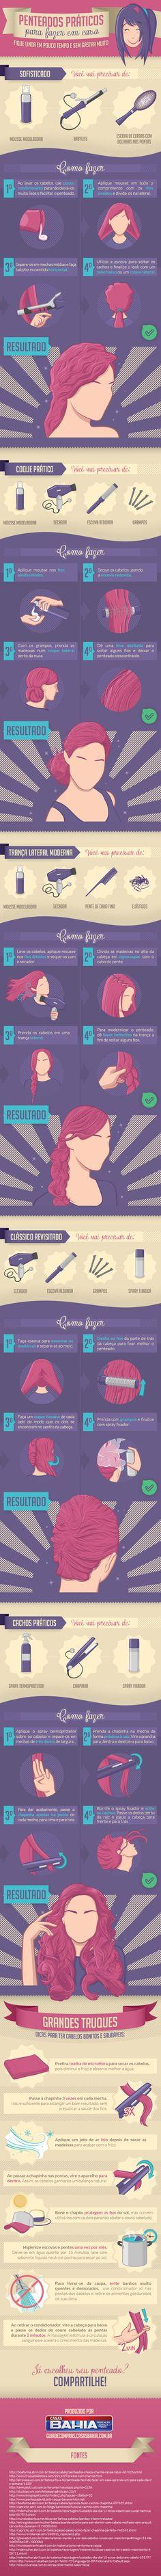 Infográfico –  Aprenda a fazer penteados práticos em casa